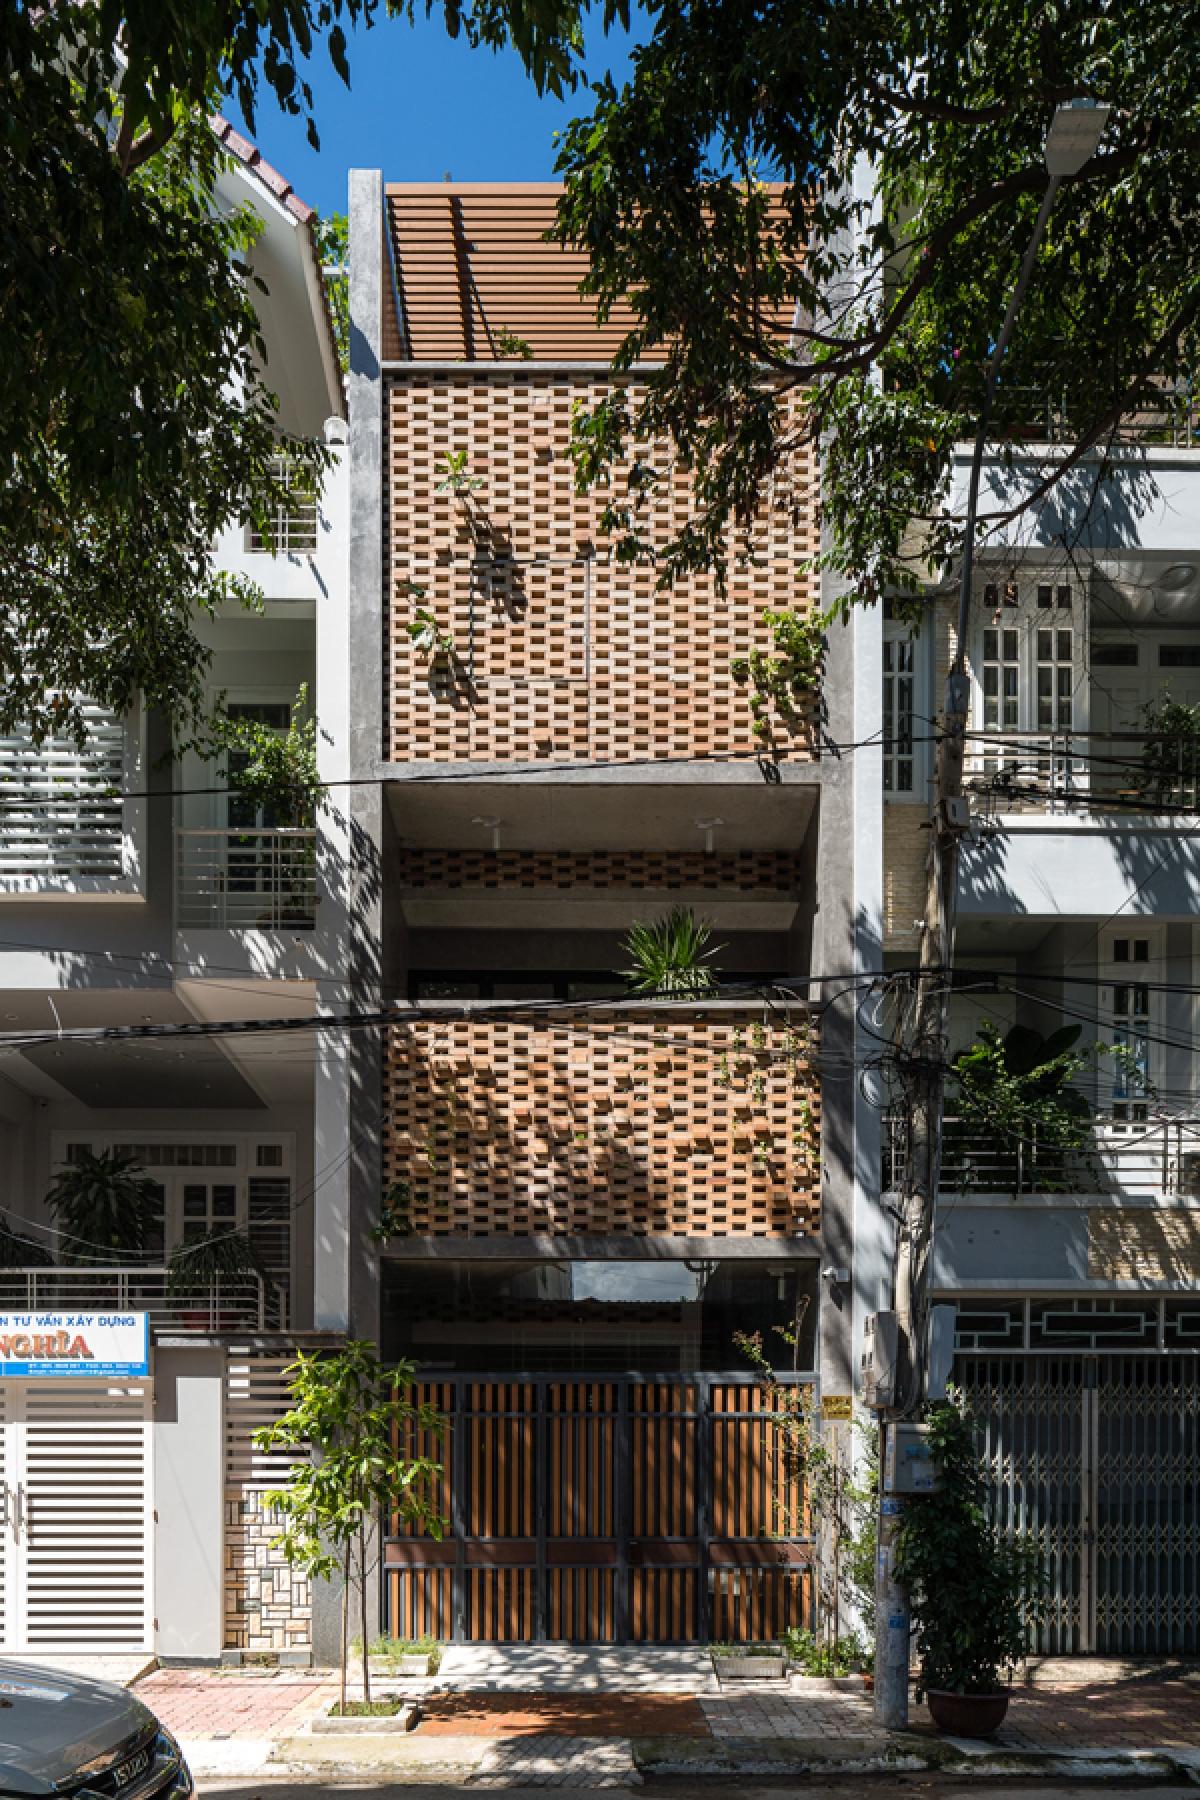 Ngôi nhà phố nằm ở thành phố Vũng Tàu (tỉnh Bà Rịa – Vũng Tàu) có diện tích xây dựng 68m2, được thiết kế làm nhà ở kết hợp kinh doanh. Công trình nằm trong vùng nắng nóng nhiều và có mặt tiền quay hướng Tây nên bên cạnh các nhu cầu công năng cần đáp ứng thì giải pháp chắn nắng, chống nóng được chủ nhà quan tâm và kiến trúc sư hết sức chú trọng.